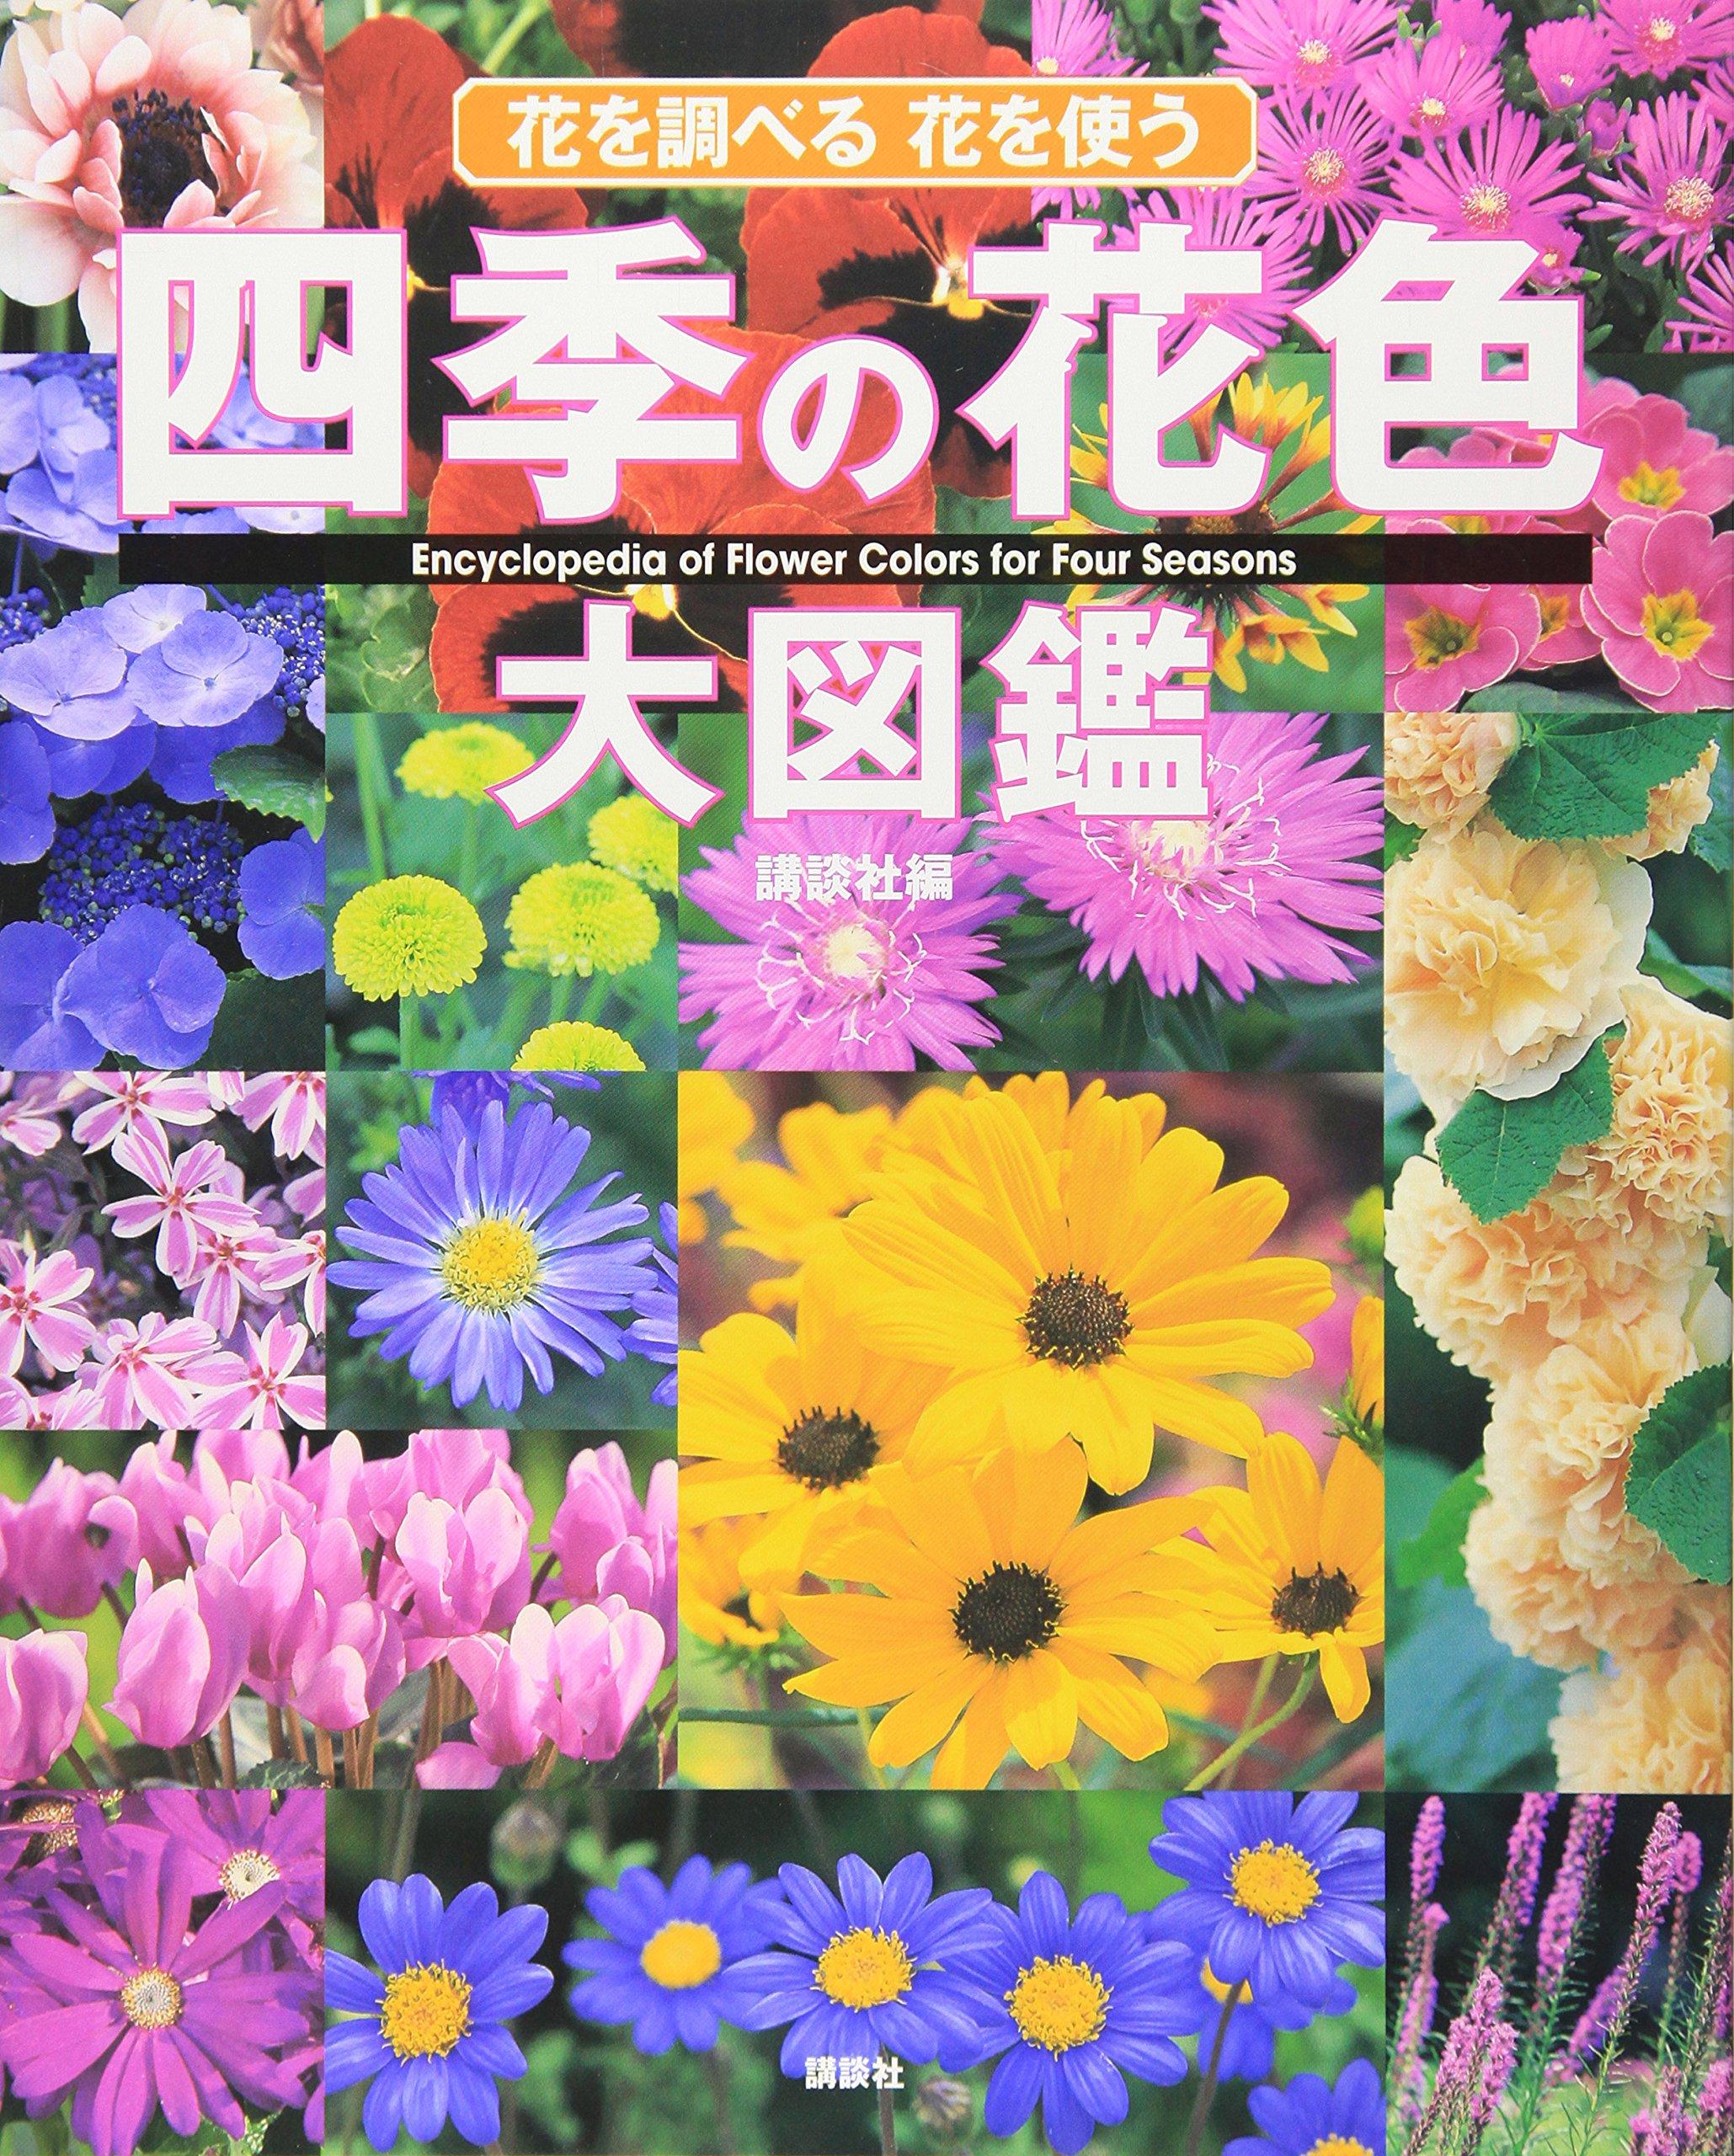 四季の花色大図鑑   講談社  本 ...